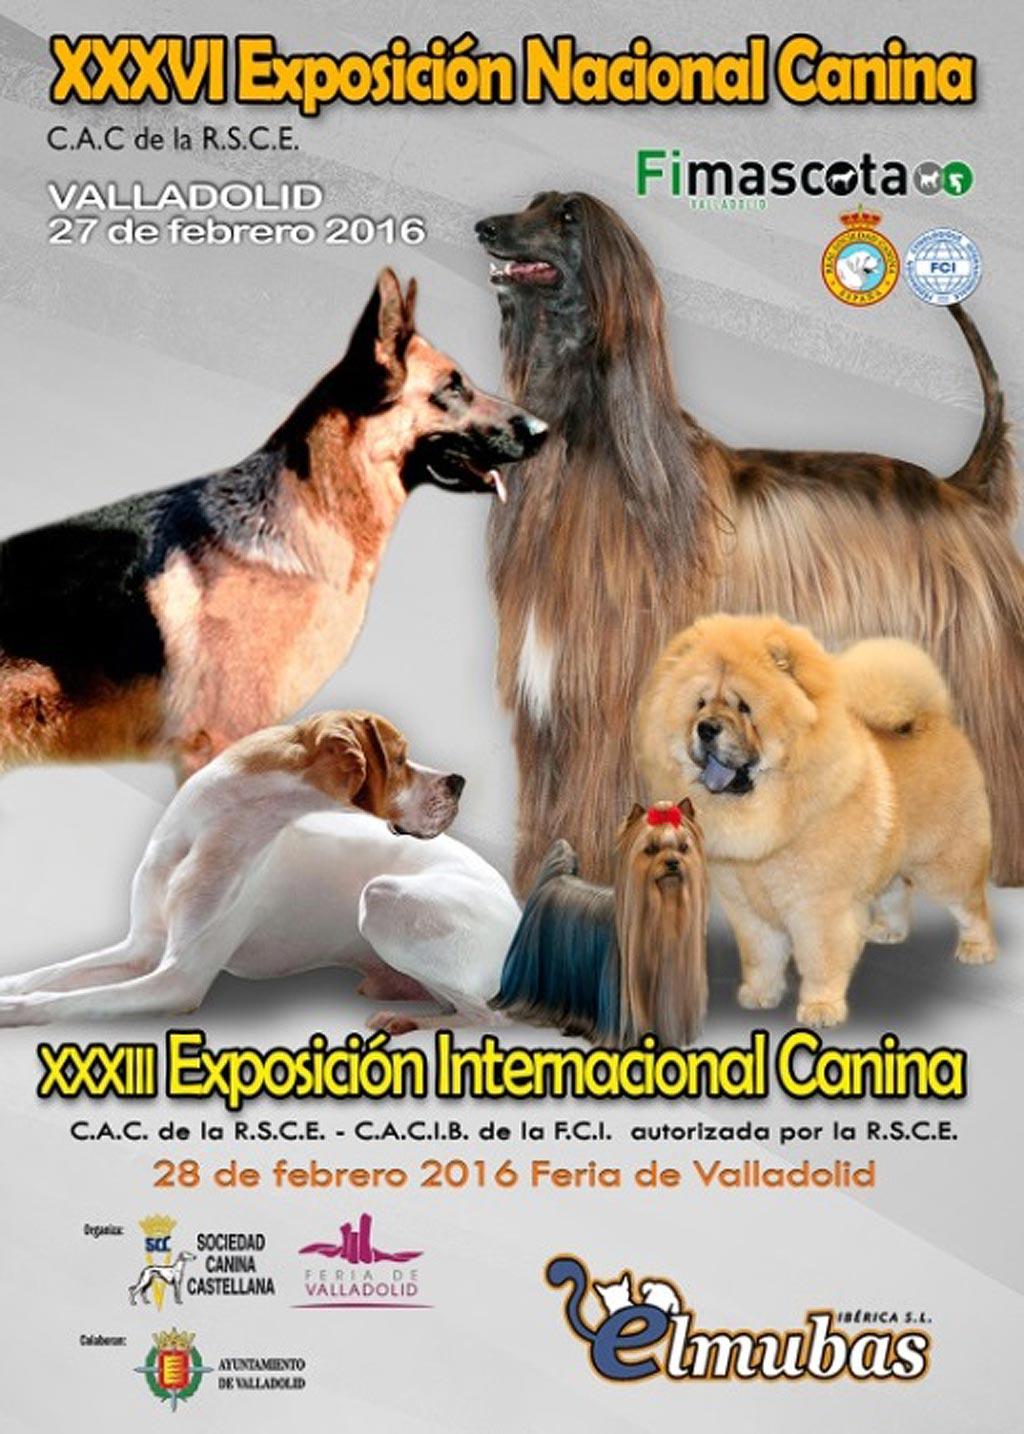 36ª Exposición Nacional Canina de Valladolid